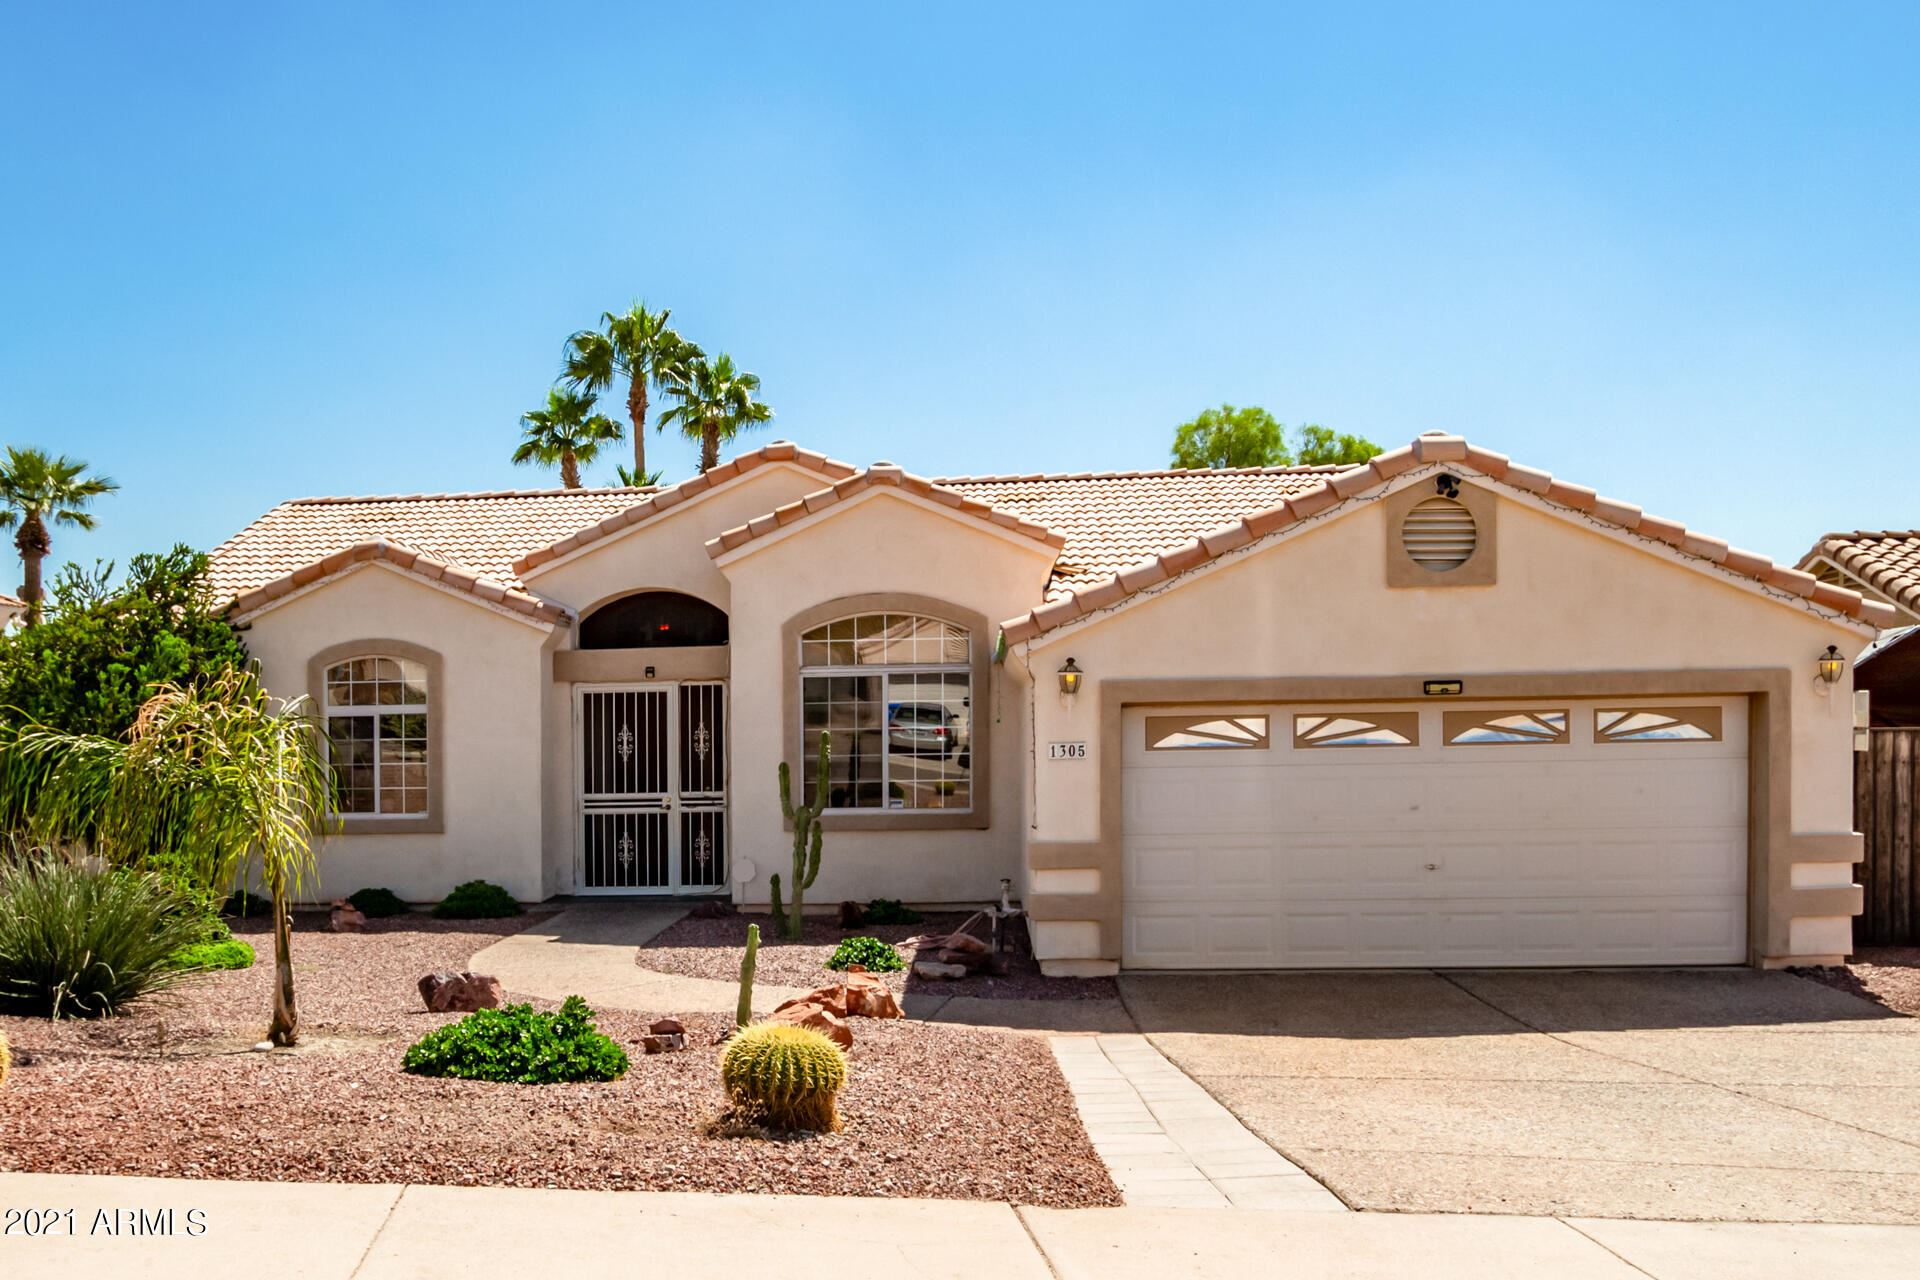 1305 E MICHELLE Drive, Phoenix, AZ 85022 - MLS#: 6297188